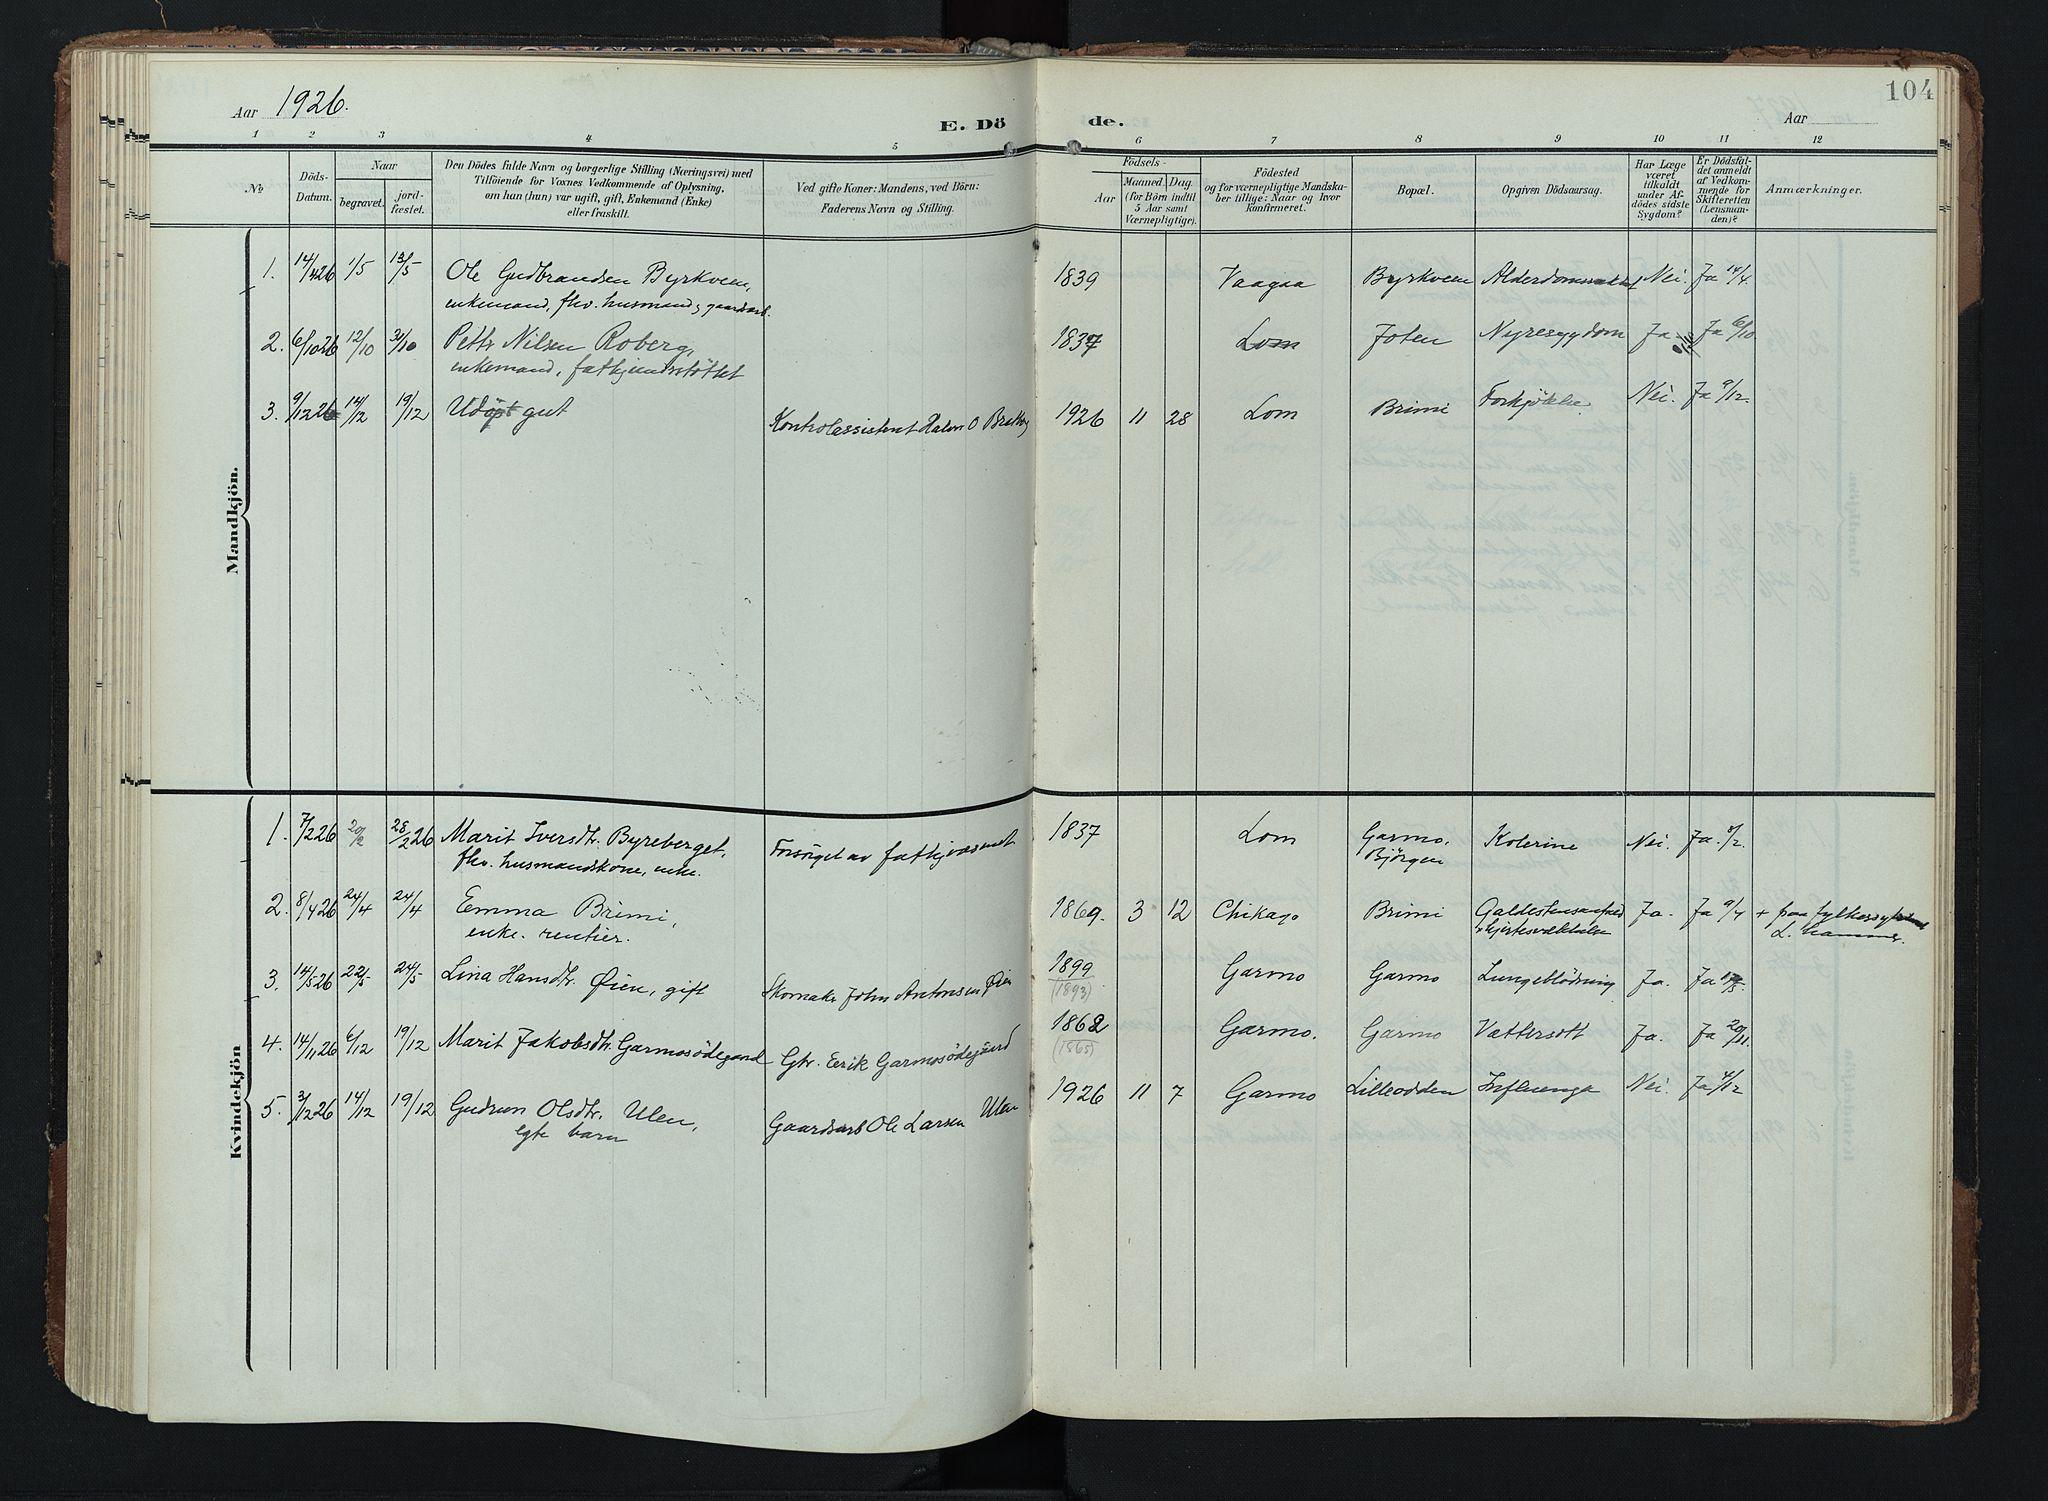 SAH, Lom prestekontor, K/L0011: Ministerialbok nr. 11, 1904-1928, s. 104